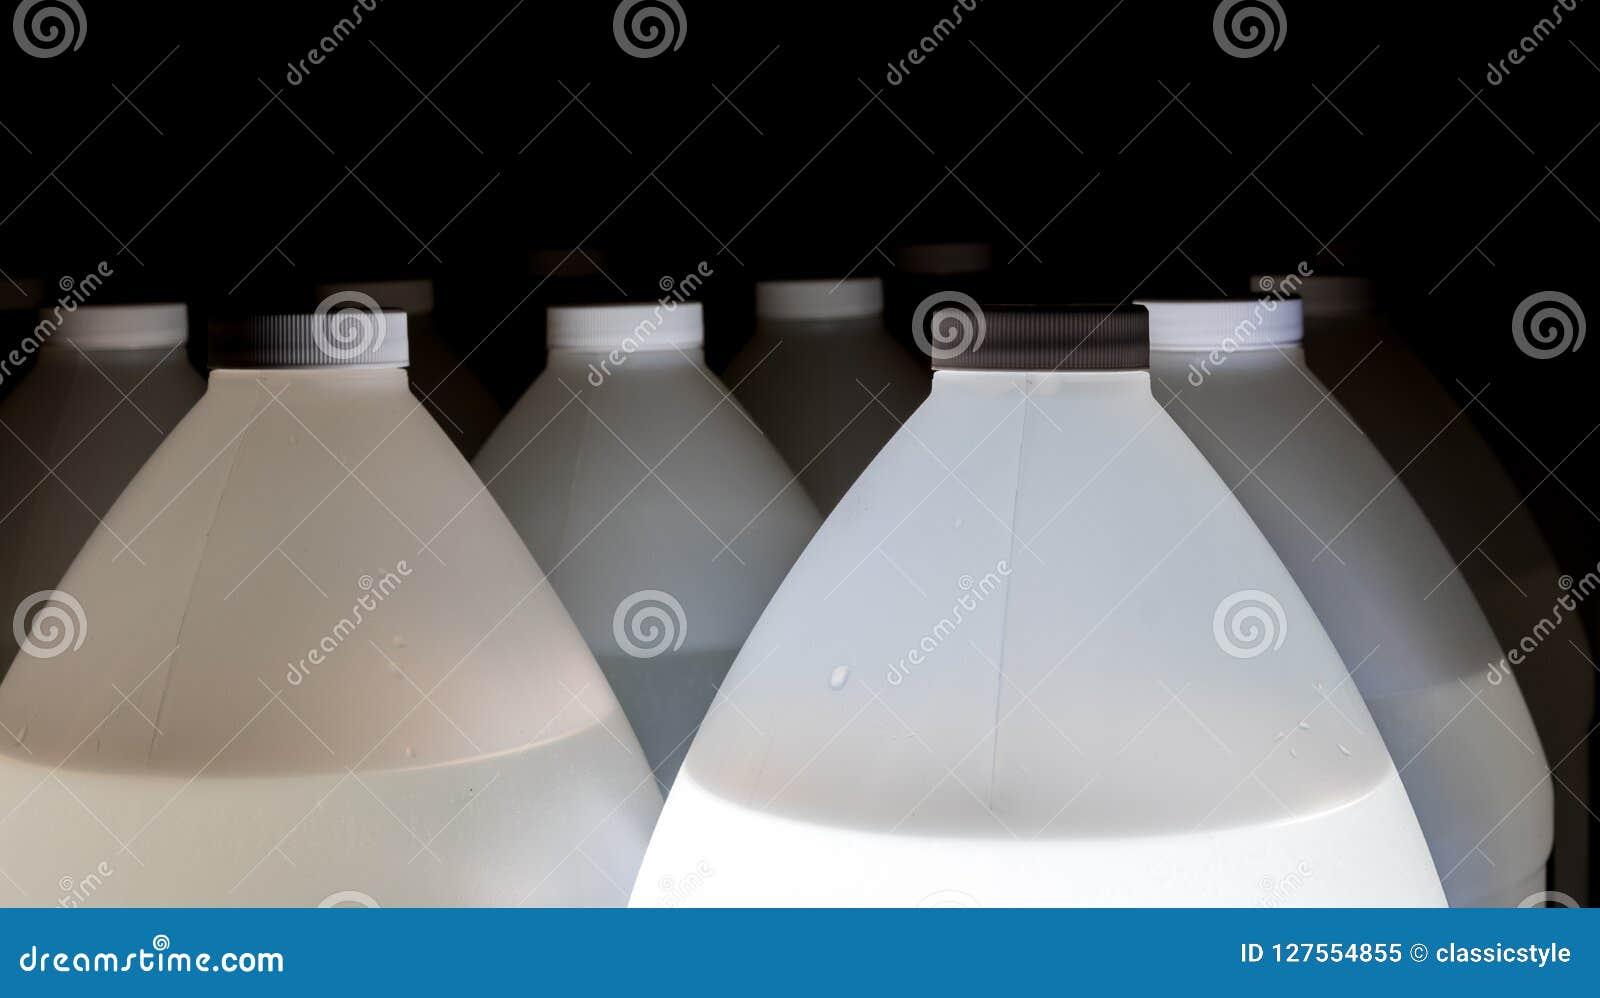 Weiße Plastikbehälter voll Flüssigkeit mit Deckeln